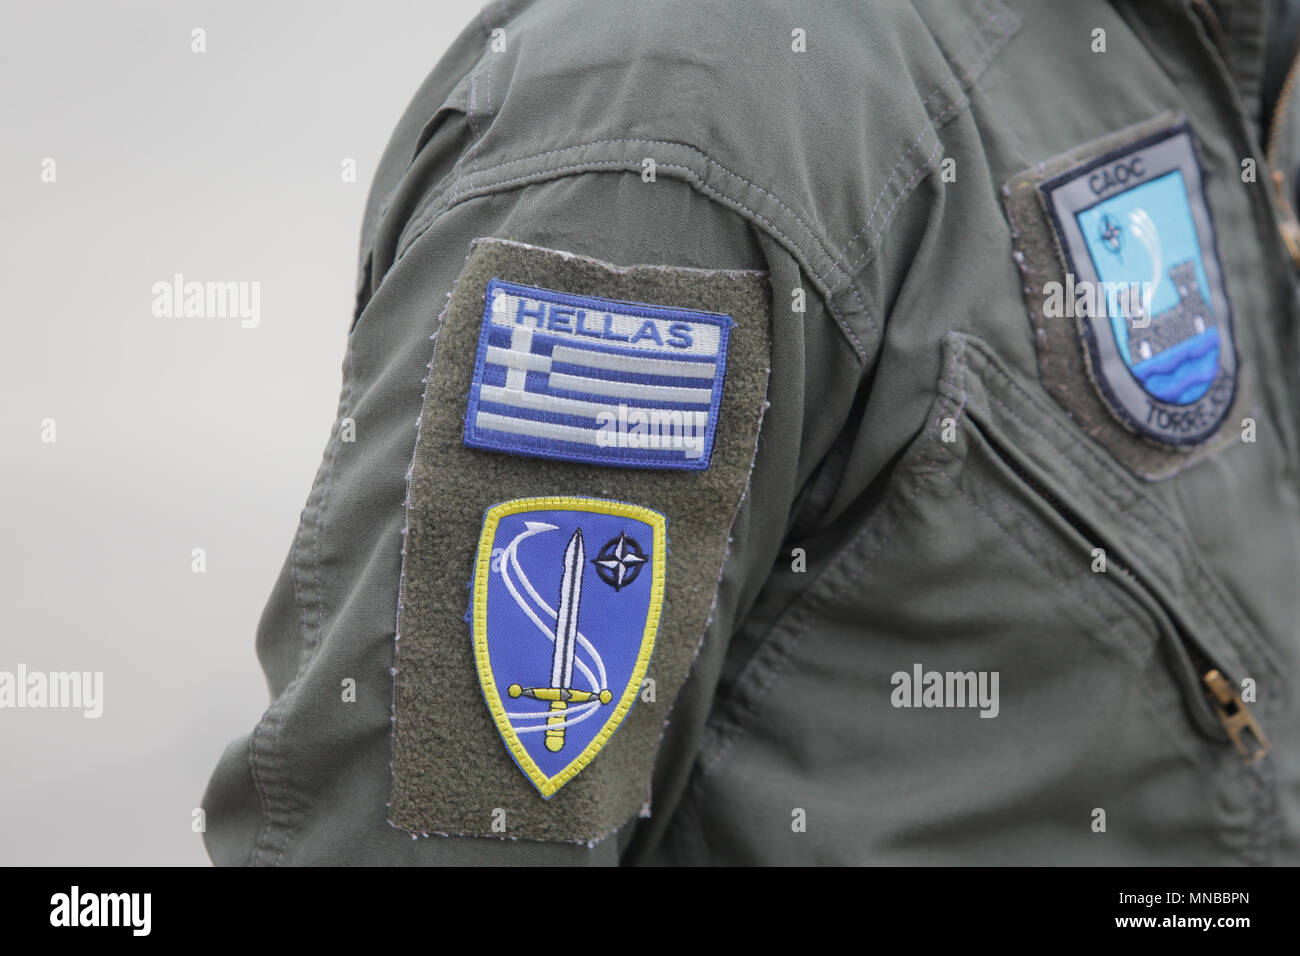 Symbole de la Force aérienne grecque sur un uniforme de soldat Photo Stock